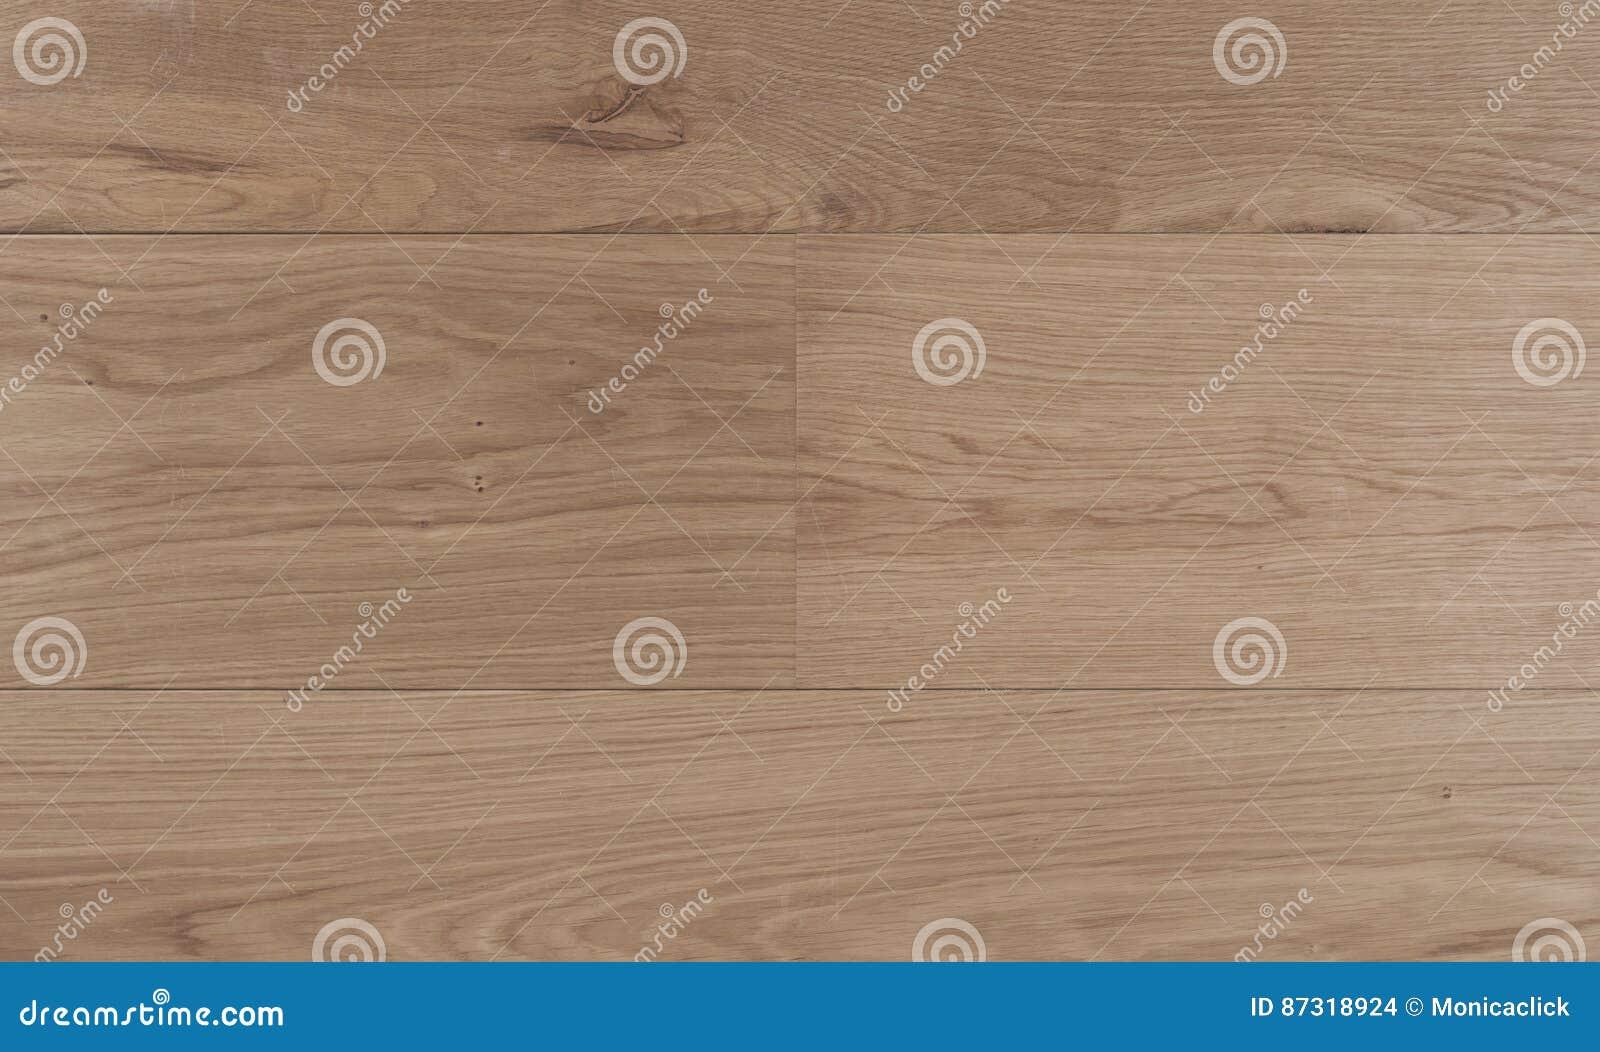 Assi Di Legno Rustiche : Foto di vista superiore delle assi del pavimento italiane